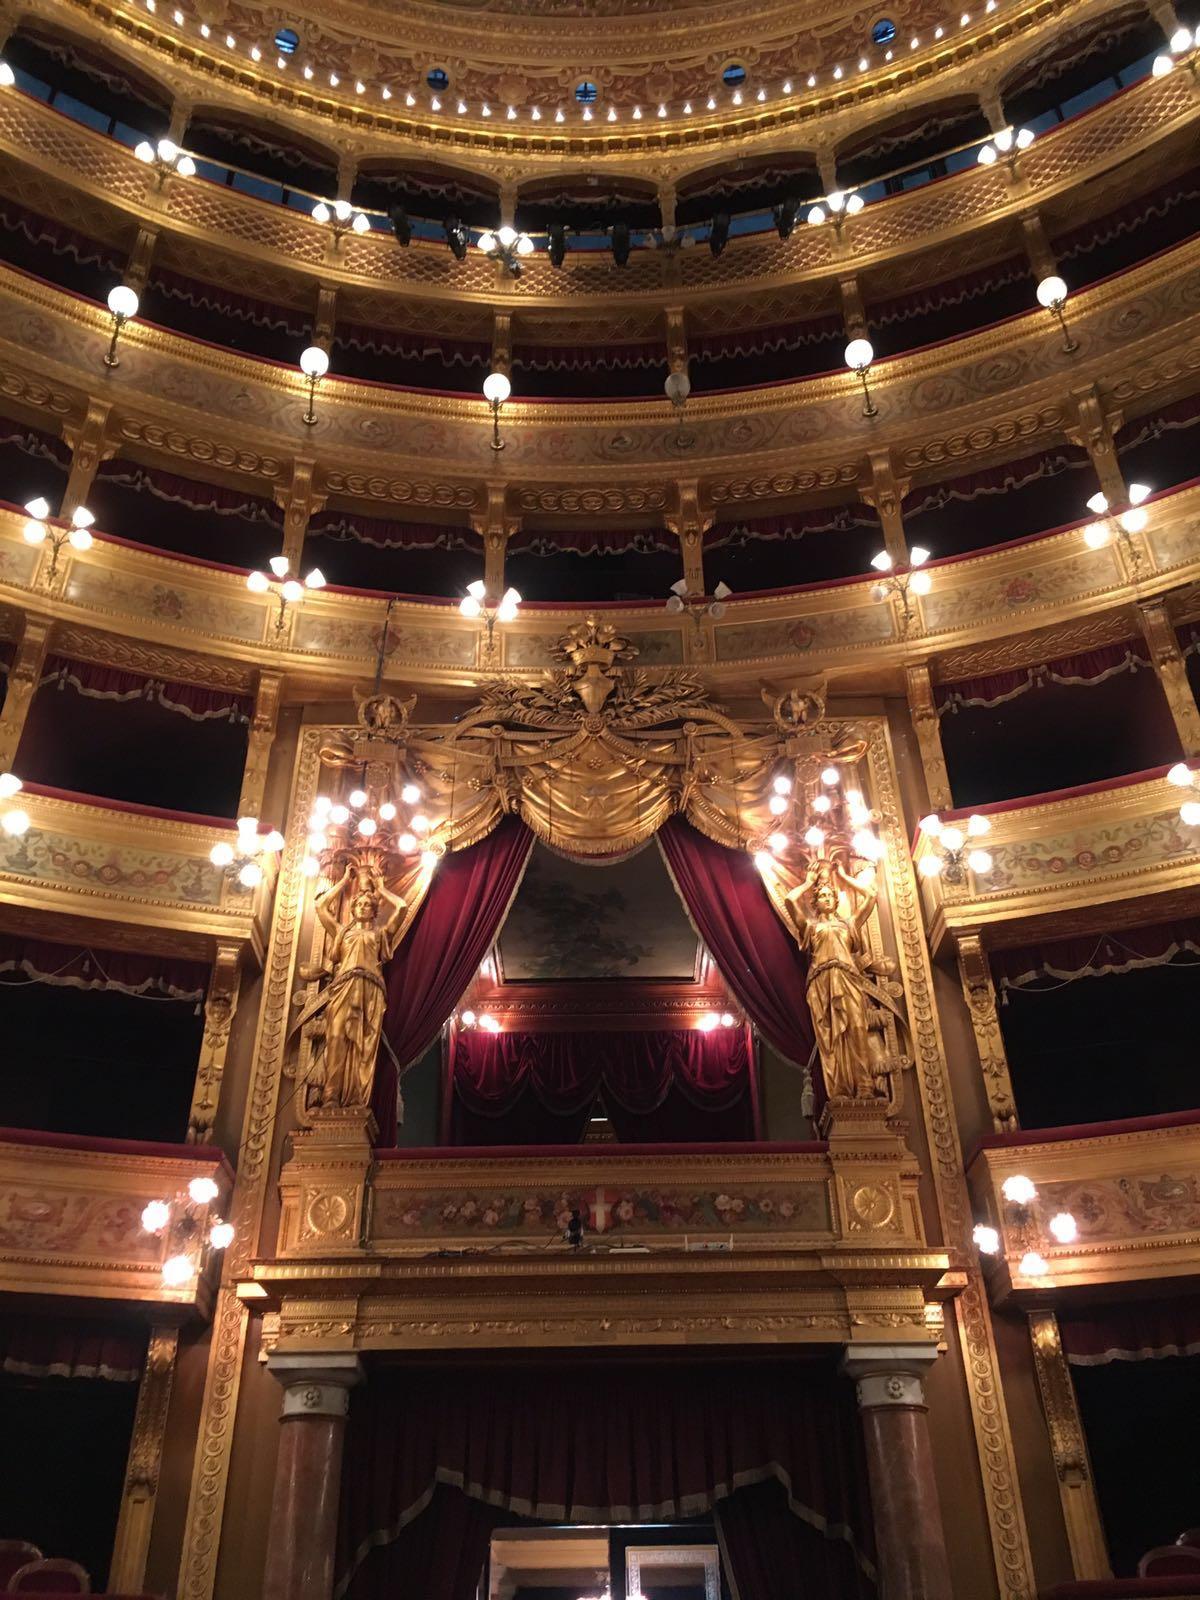 Il palco reale all'interno del Teatro Massimo di Palermo